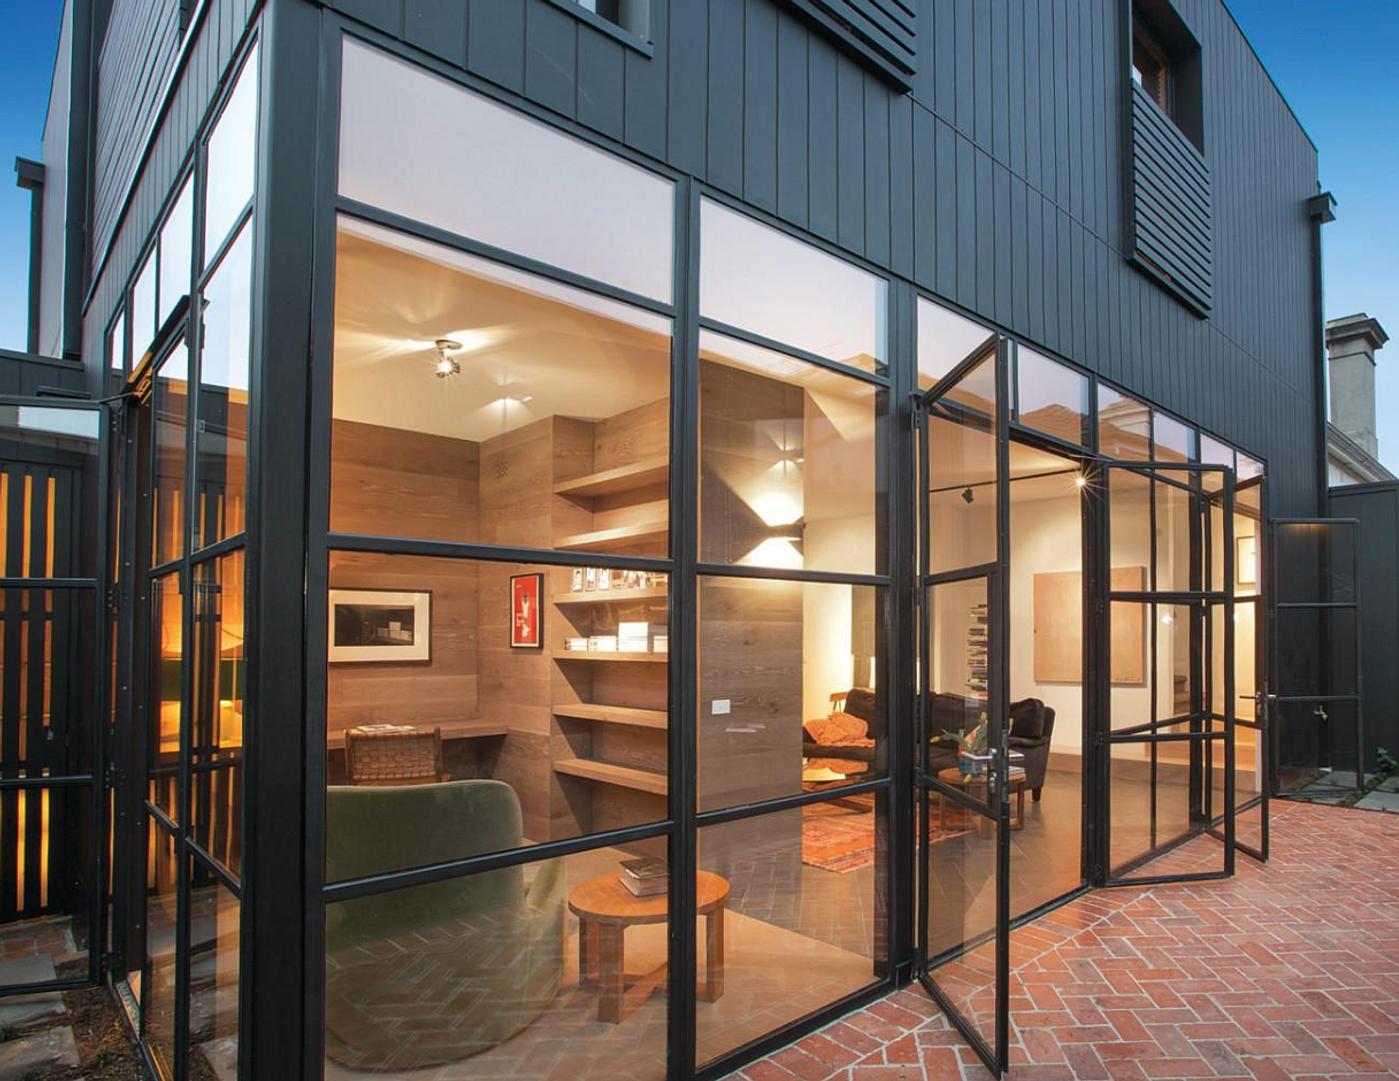 Commercial Steel Doors With Windows : Steel windows and doors